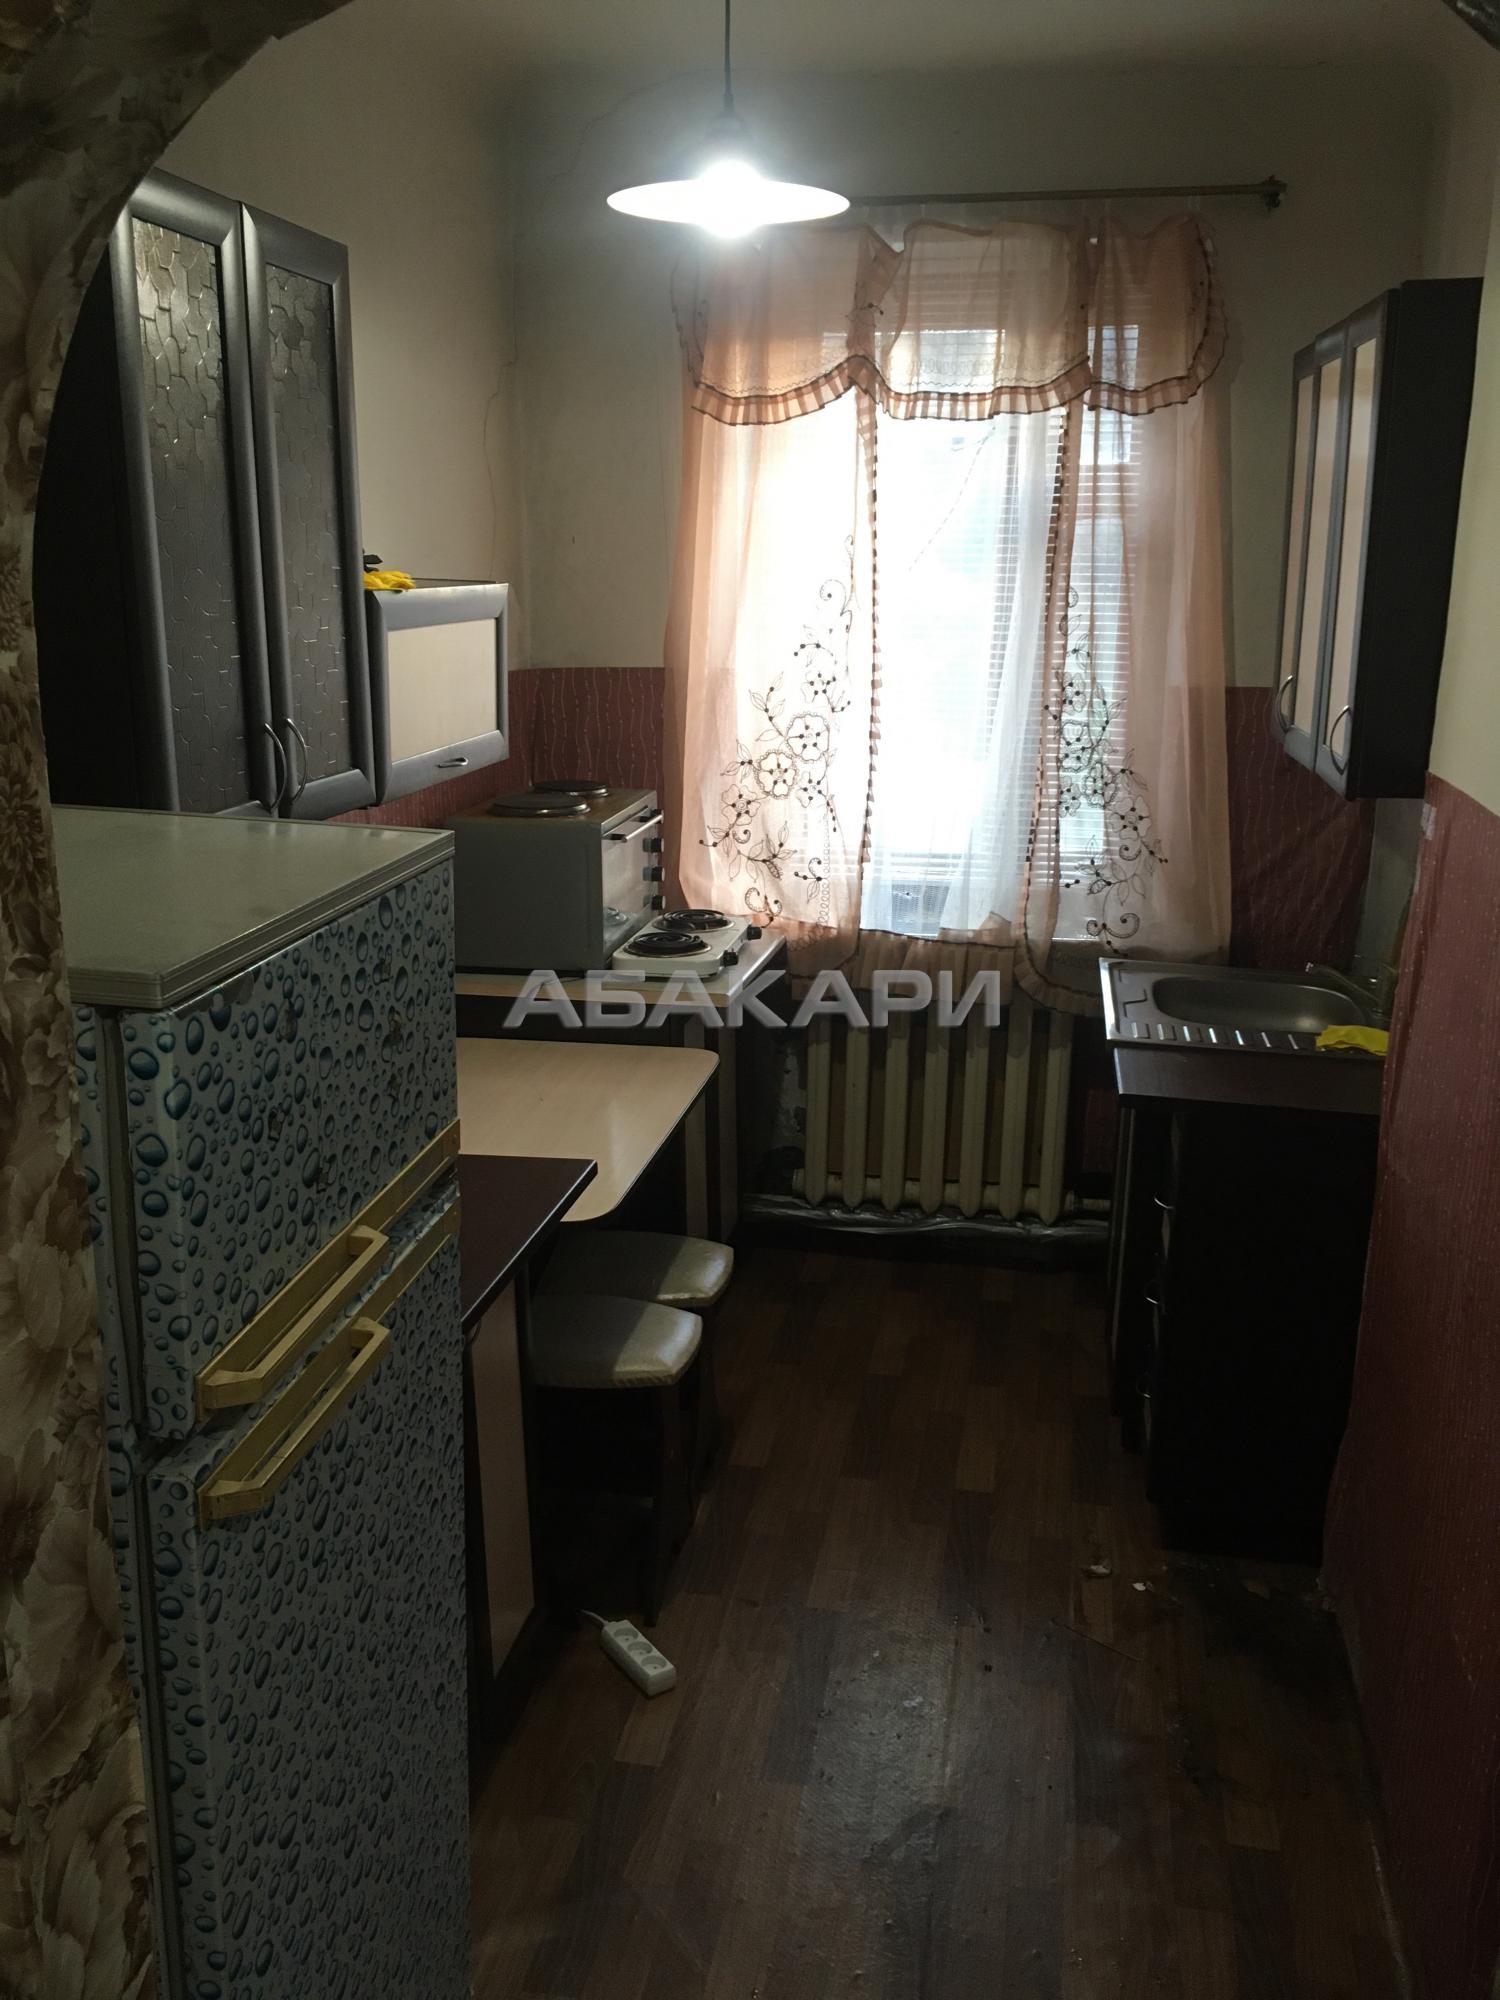 2к квартира Свободная улица, 11 1/2 - 44кв | 12000 | аренда в Красноярске фото 5